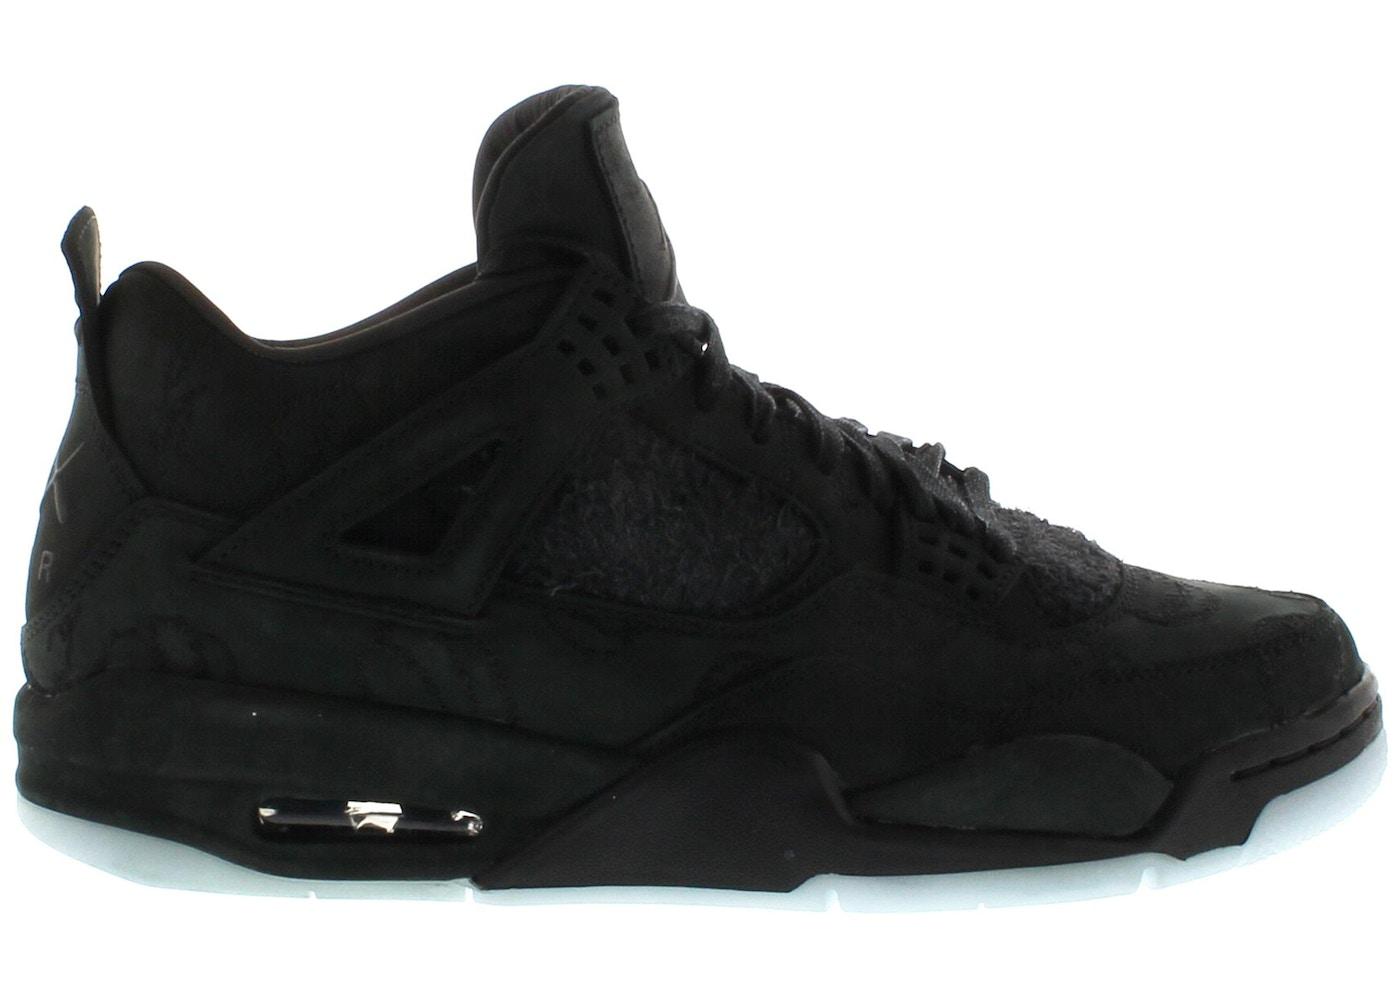 0d204b42dec8eb Buy Air Jordan 4 Shoes   Deadstock Sneakers